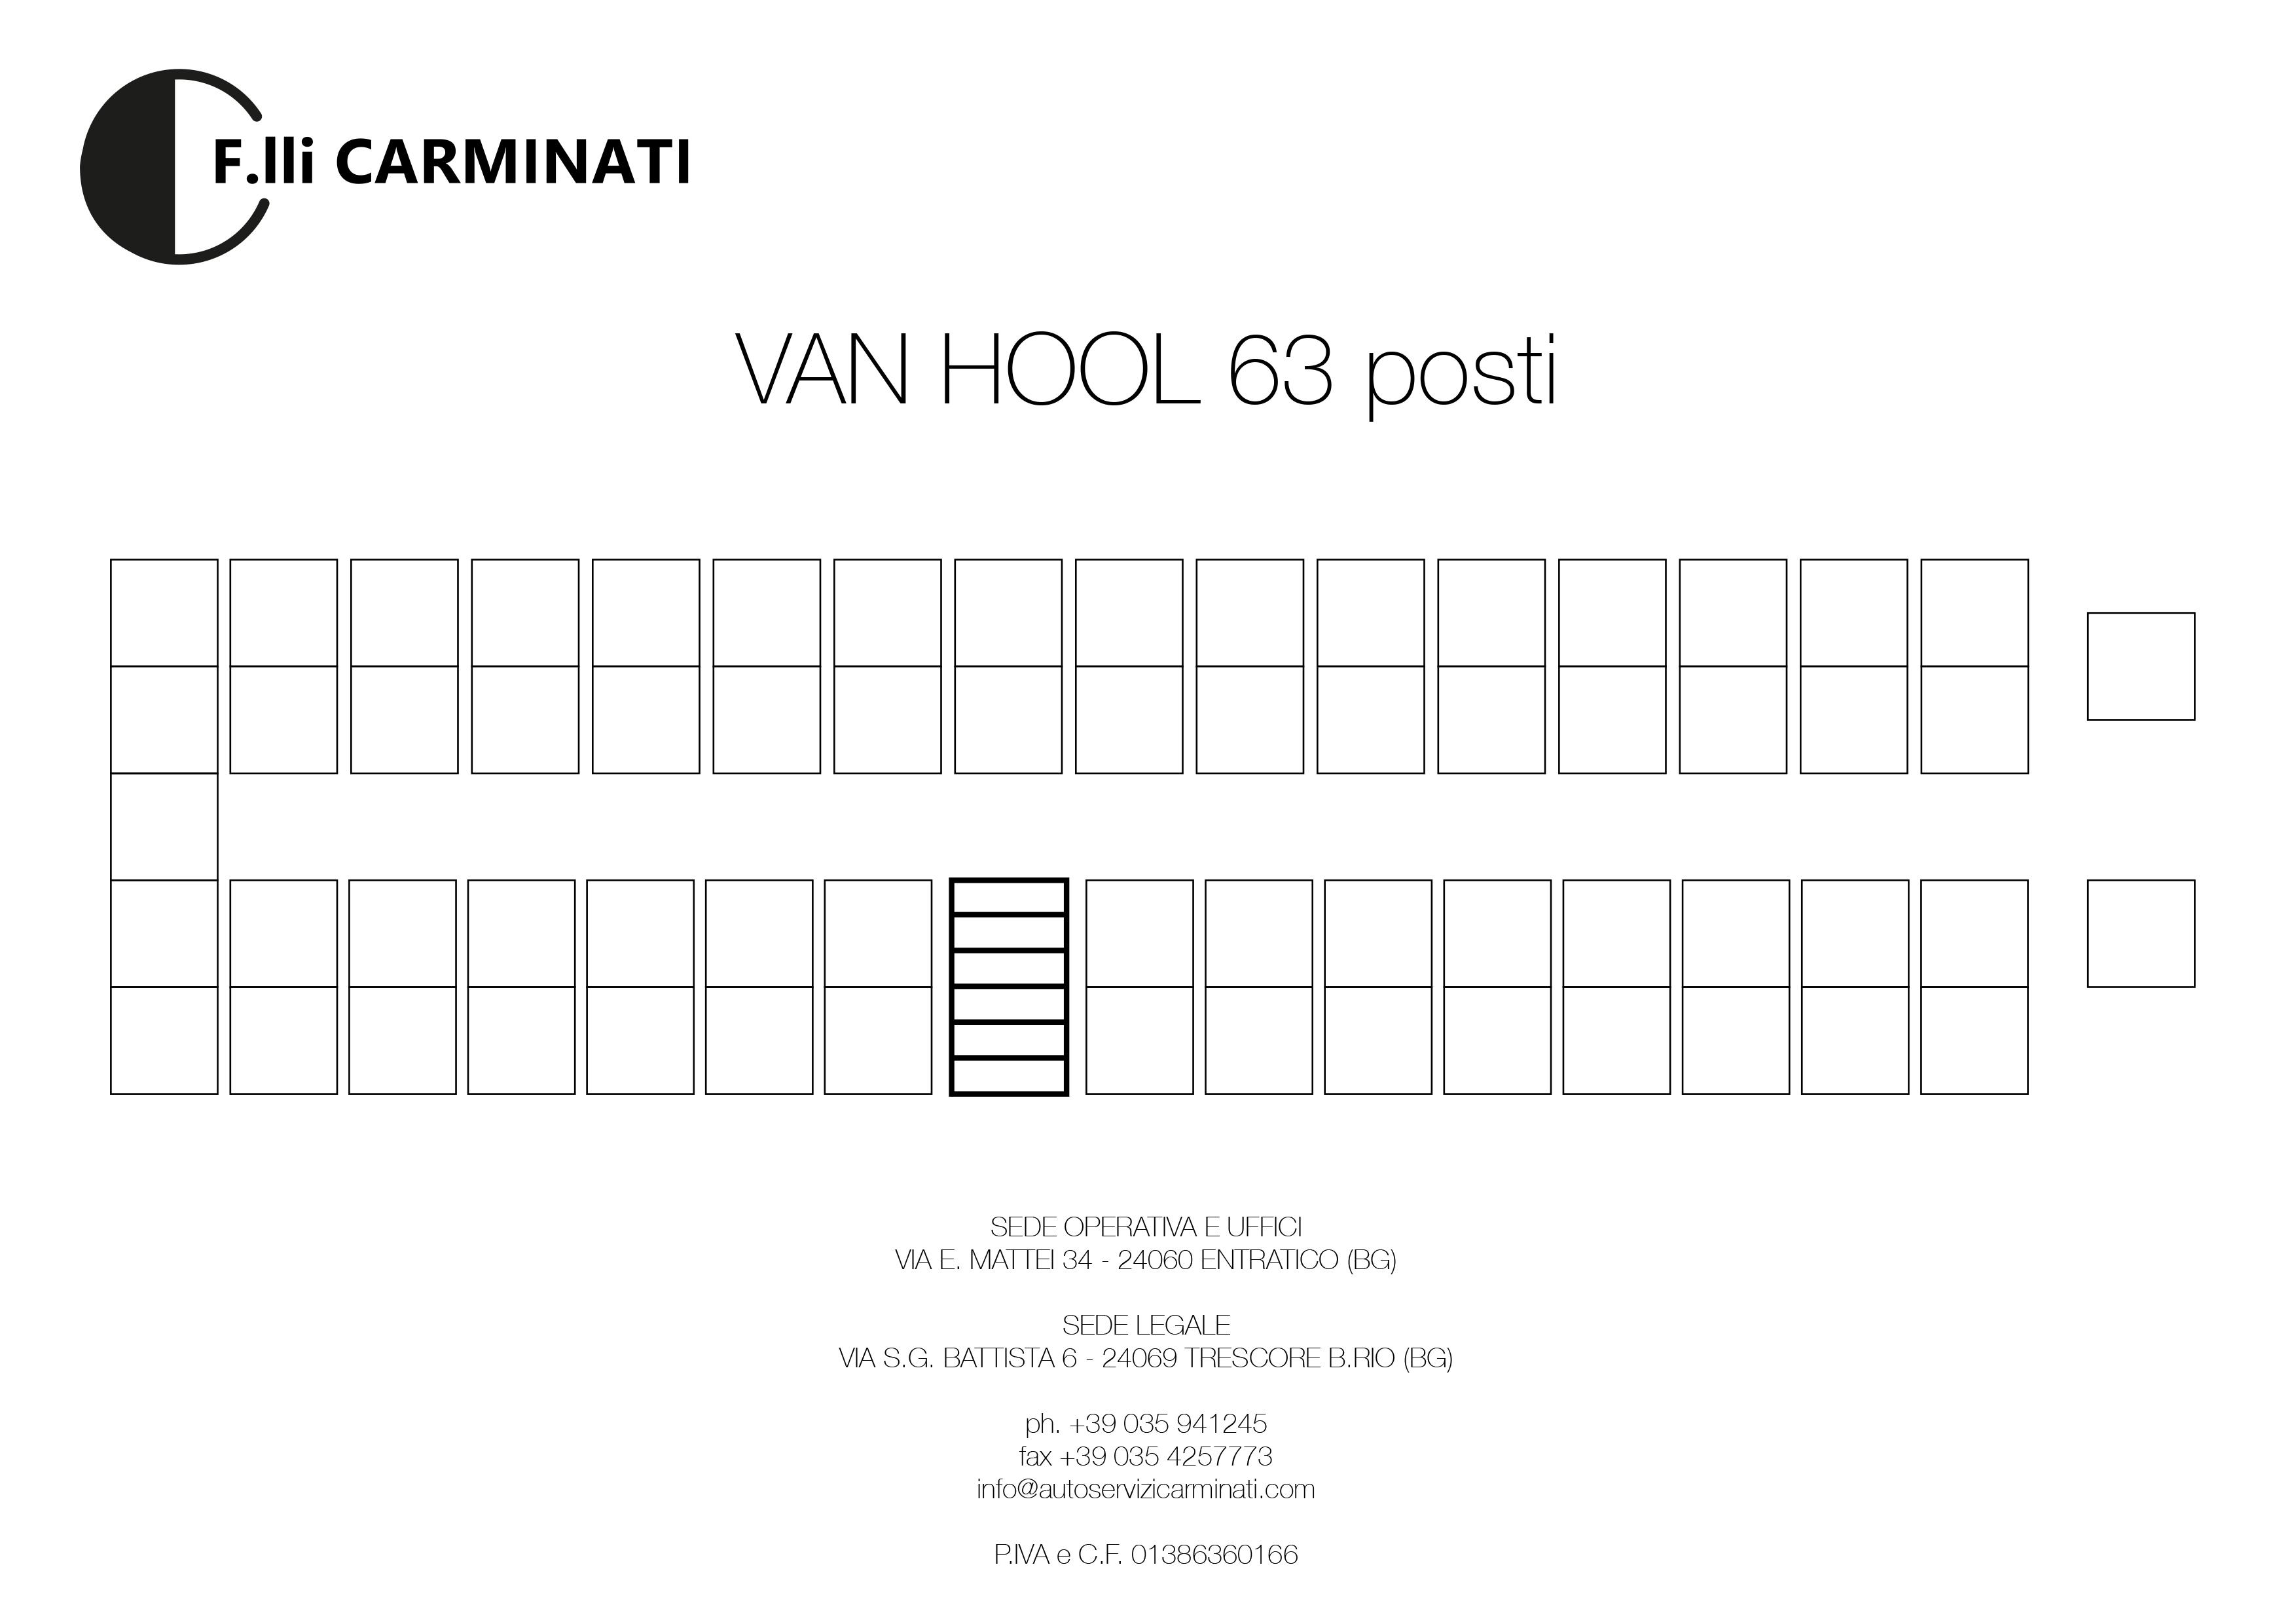 VAN HOOL 63